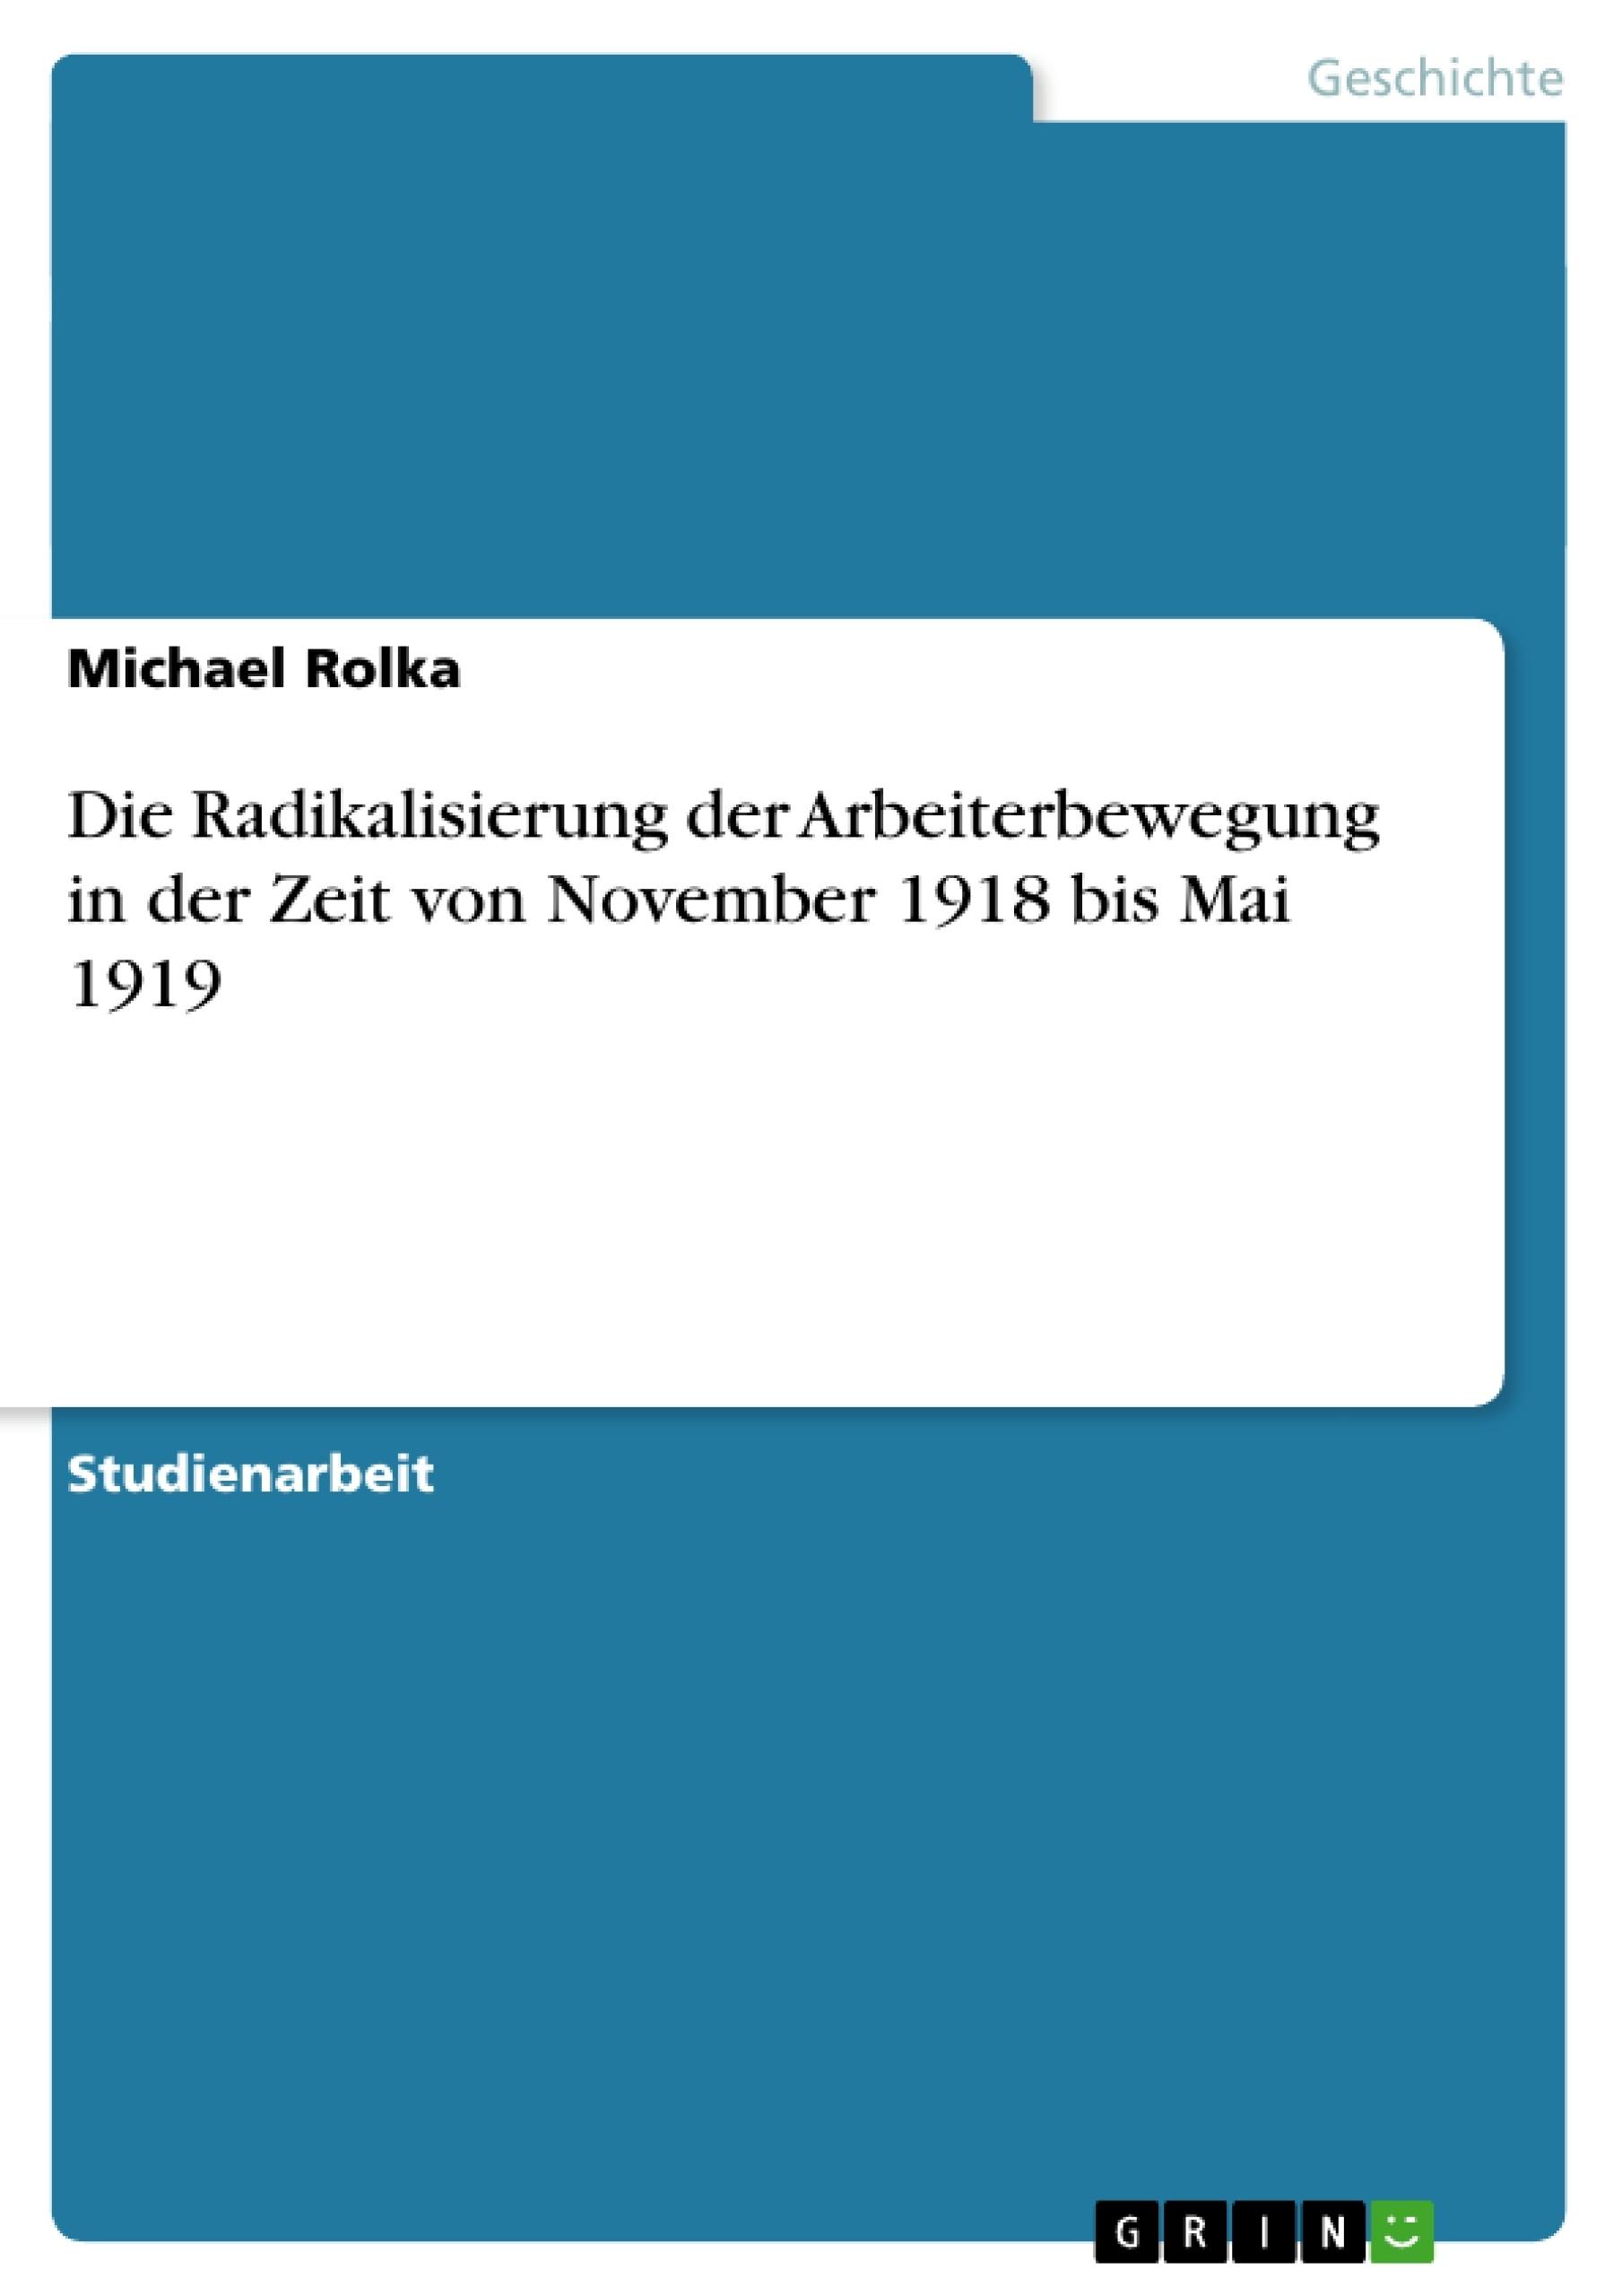 Titel: Die Radikalisierung der Arbeiterbewegung in der Zeit von November 1918 bis Mai 1919